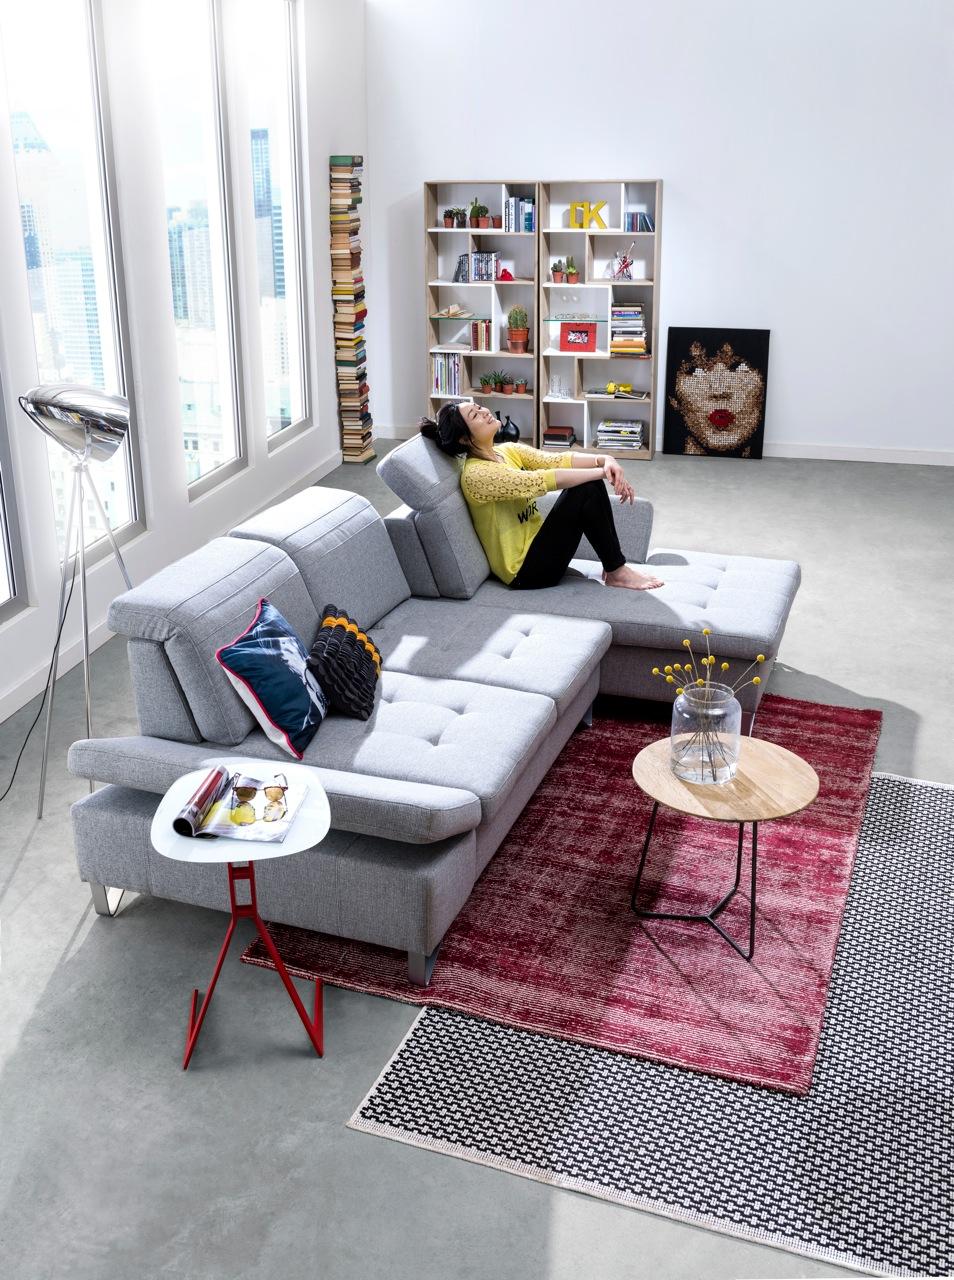 Xooon woonkamer, eettafel, interieur inspiratie | Meubels | Pinterest